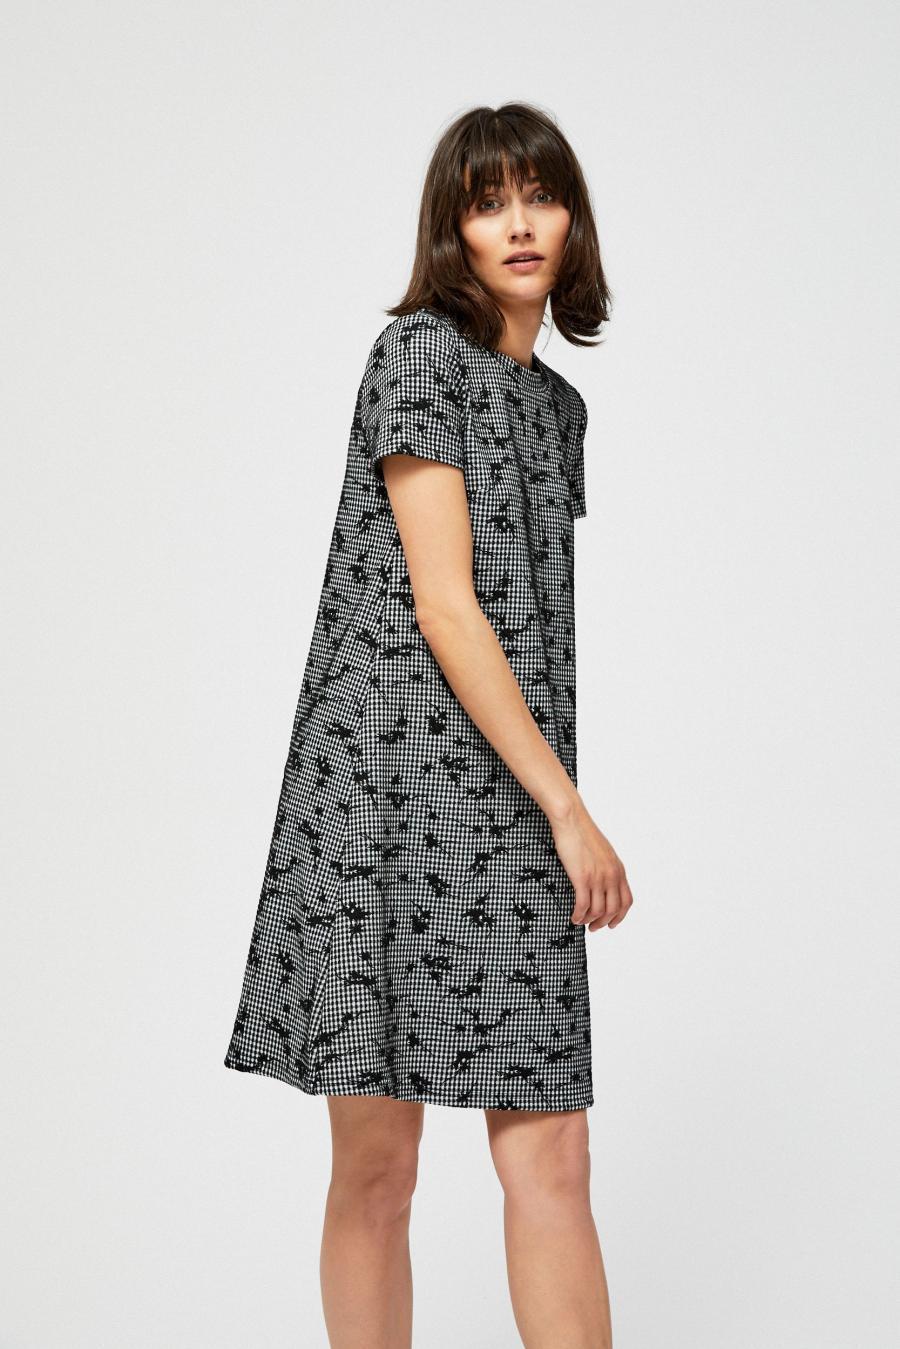 bbf54be7afb Moodo šaty dámské se vzorem kostky a krátkým rukávem